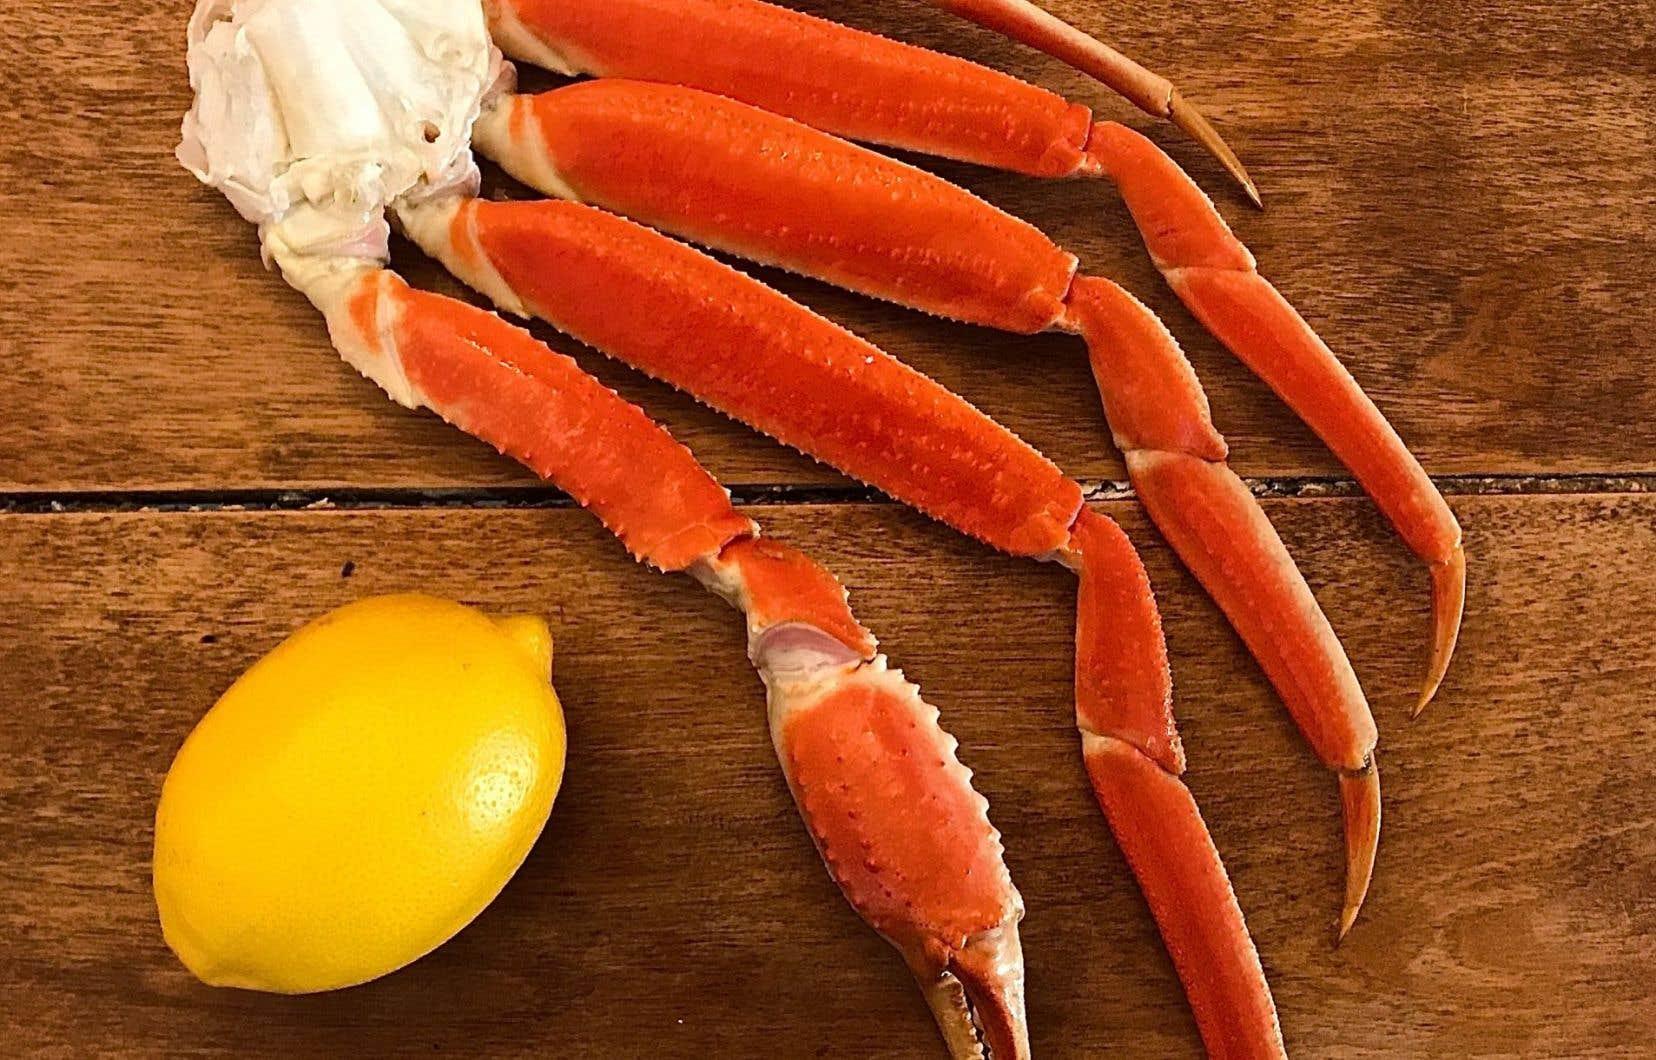 Contrairement au homard, qui peut être gardé vivant dans un vivier à longueur d'année, le crabe des neiges doit être vendu ou transformé dans les 24 heures suivant sa pêche.